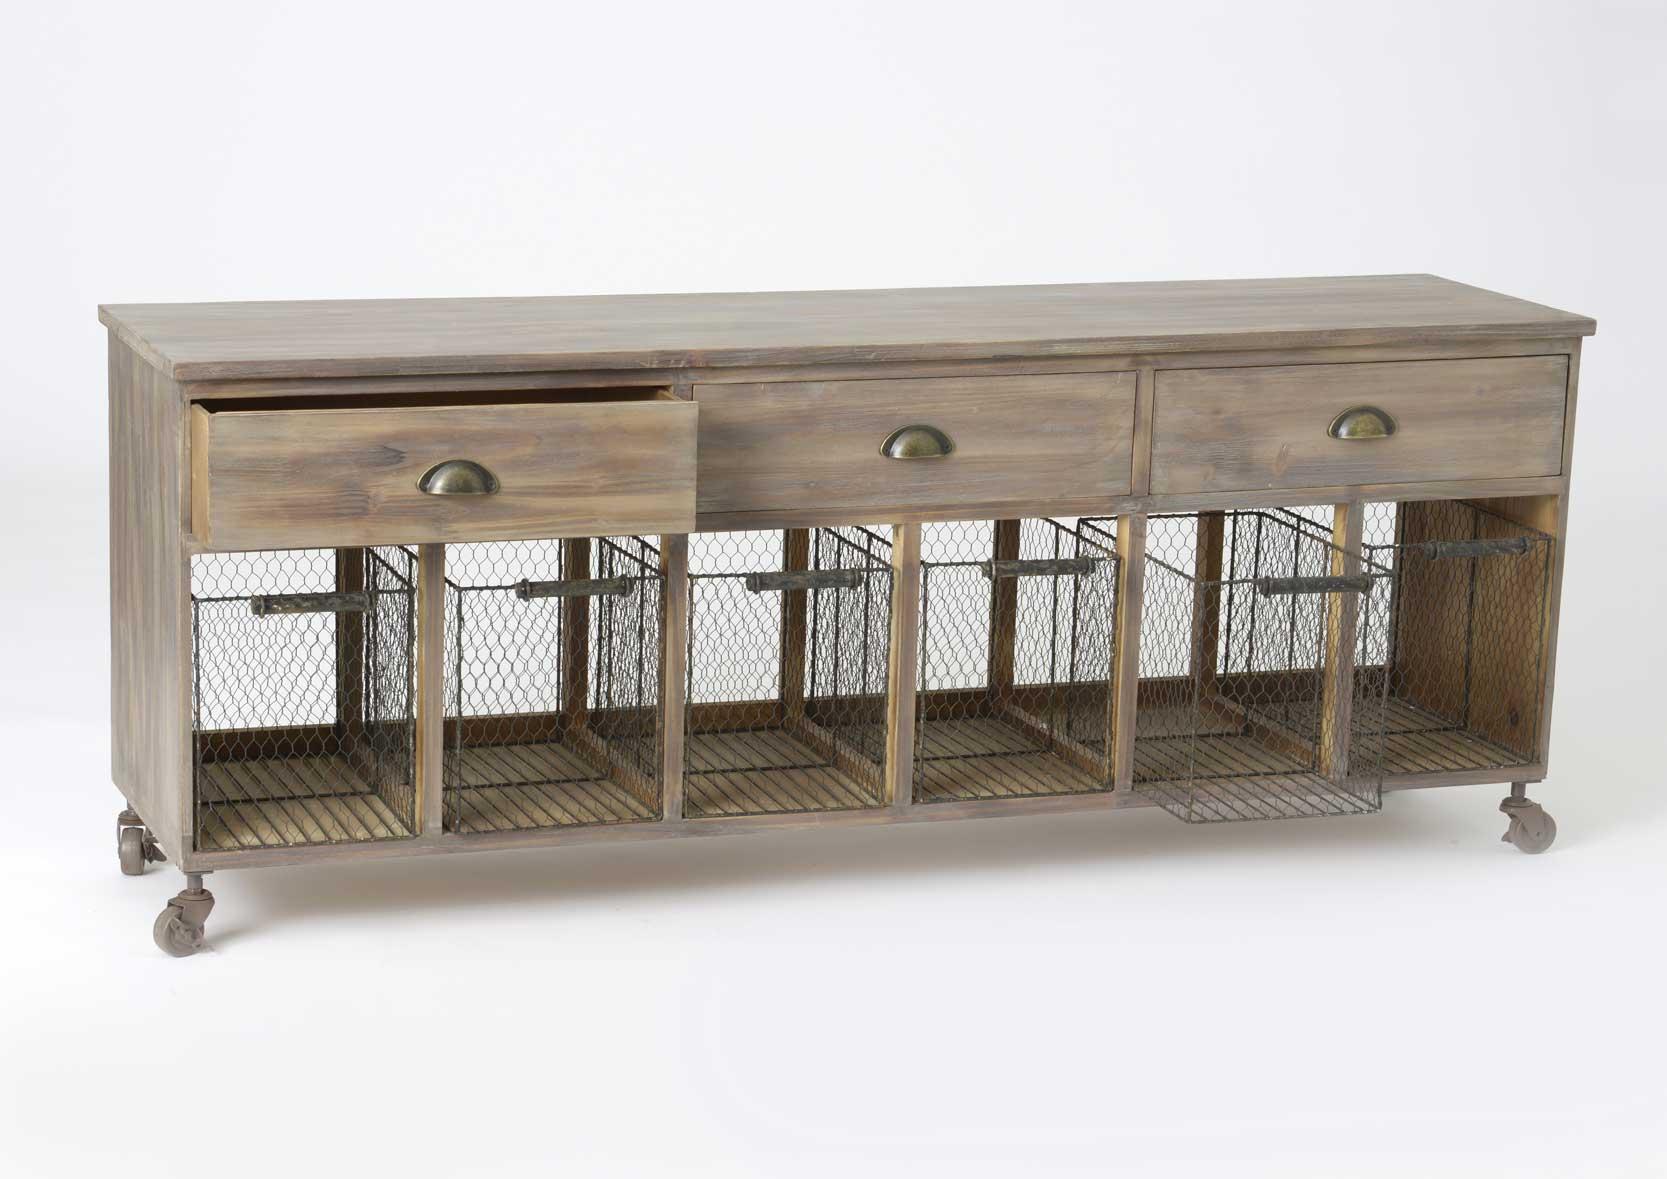 Meuble en bois paniers grillage et tiroirs for Meubles a tiroirs en bois